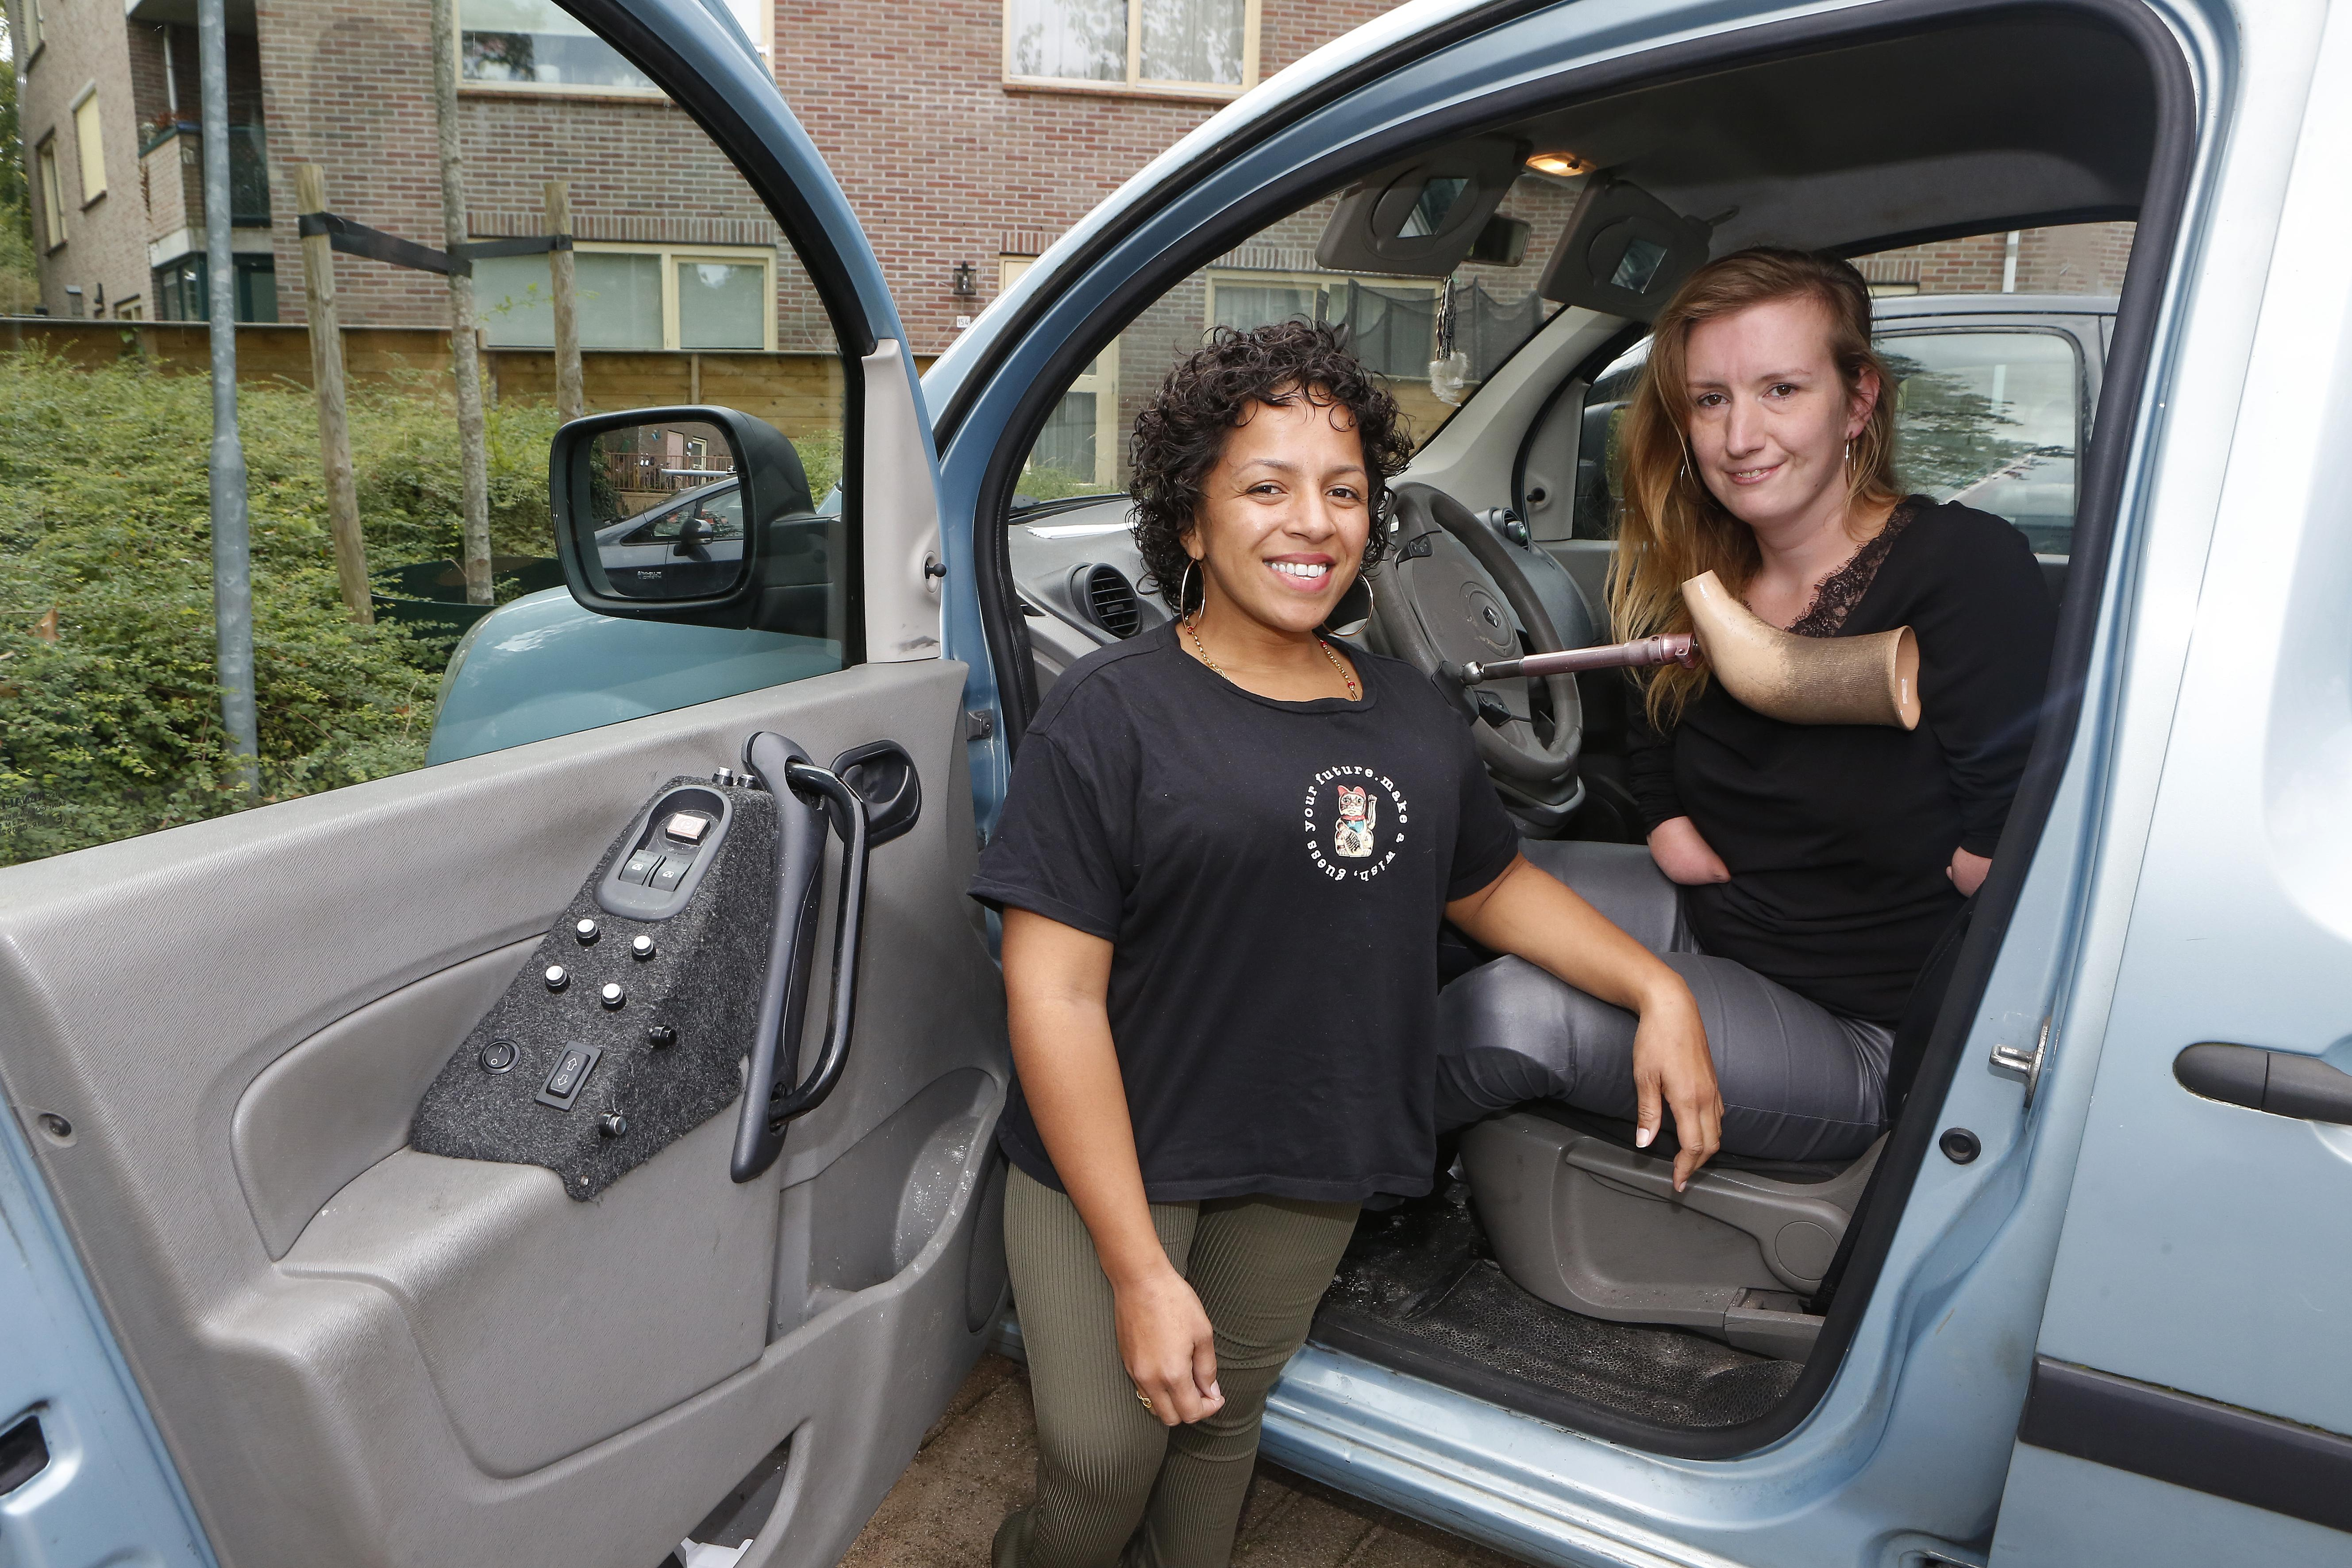 Doneeractie gestart voor een aangepaste auto, waarmee de Bussumse Eva Feenstra (31) naar haar werk kan, haar studie kan blijven volgen en haar dochtertje naar school kan brengen